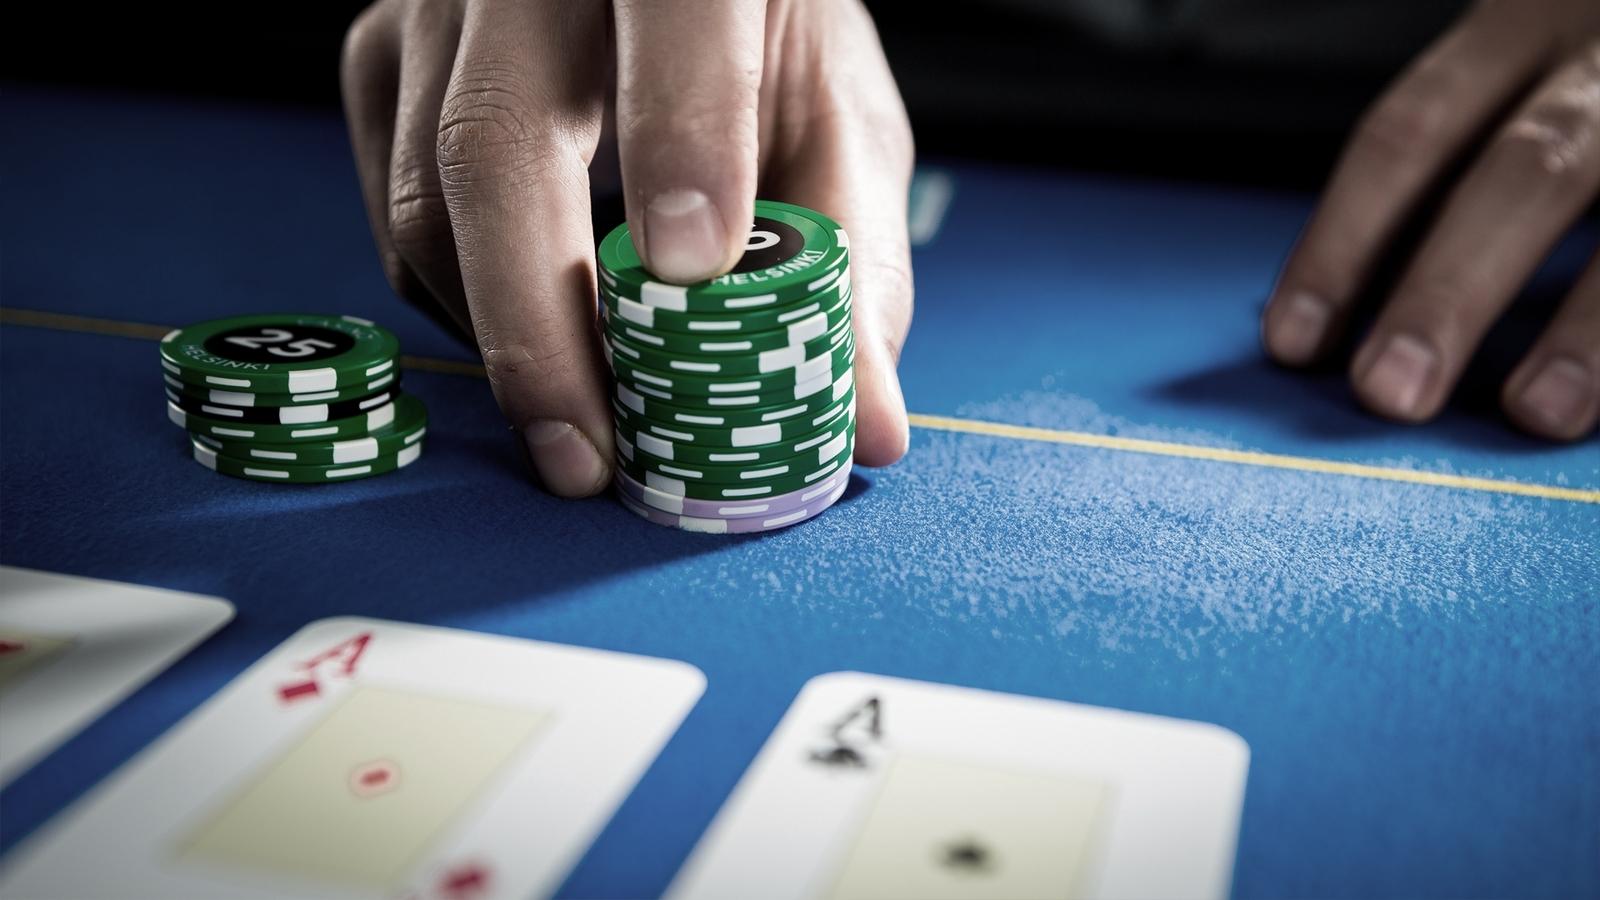 Работа официантки в крупных клубах и казино москвы бесплатные игровые аппараты рейган